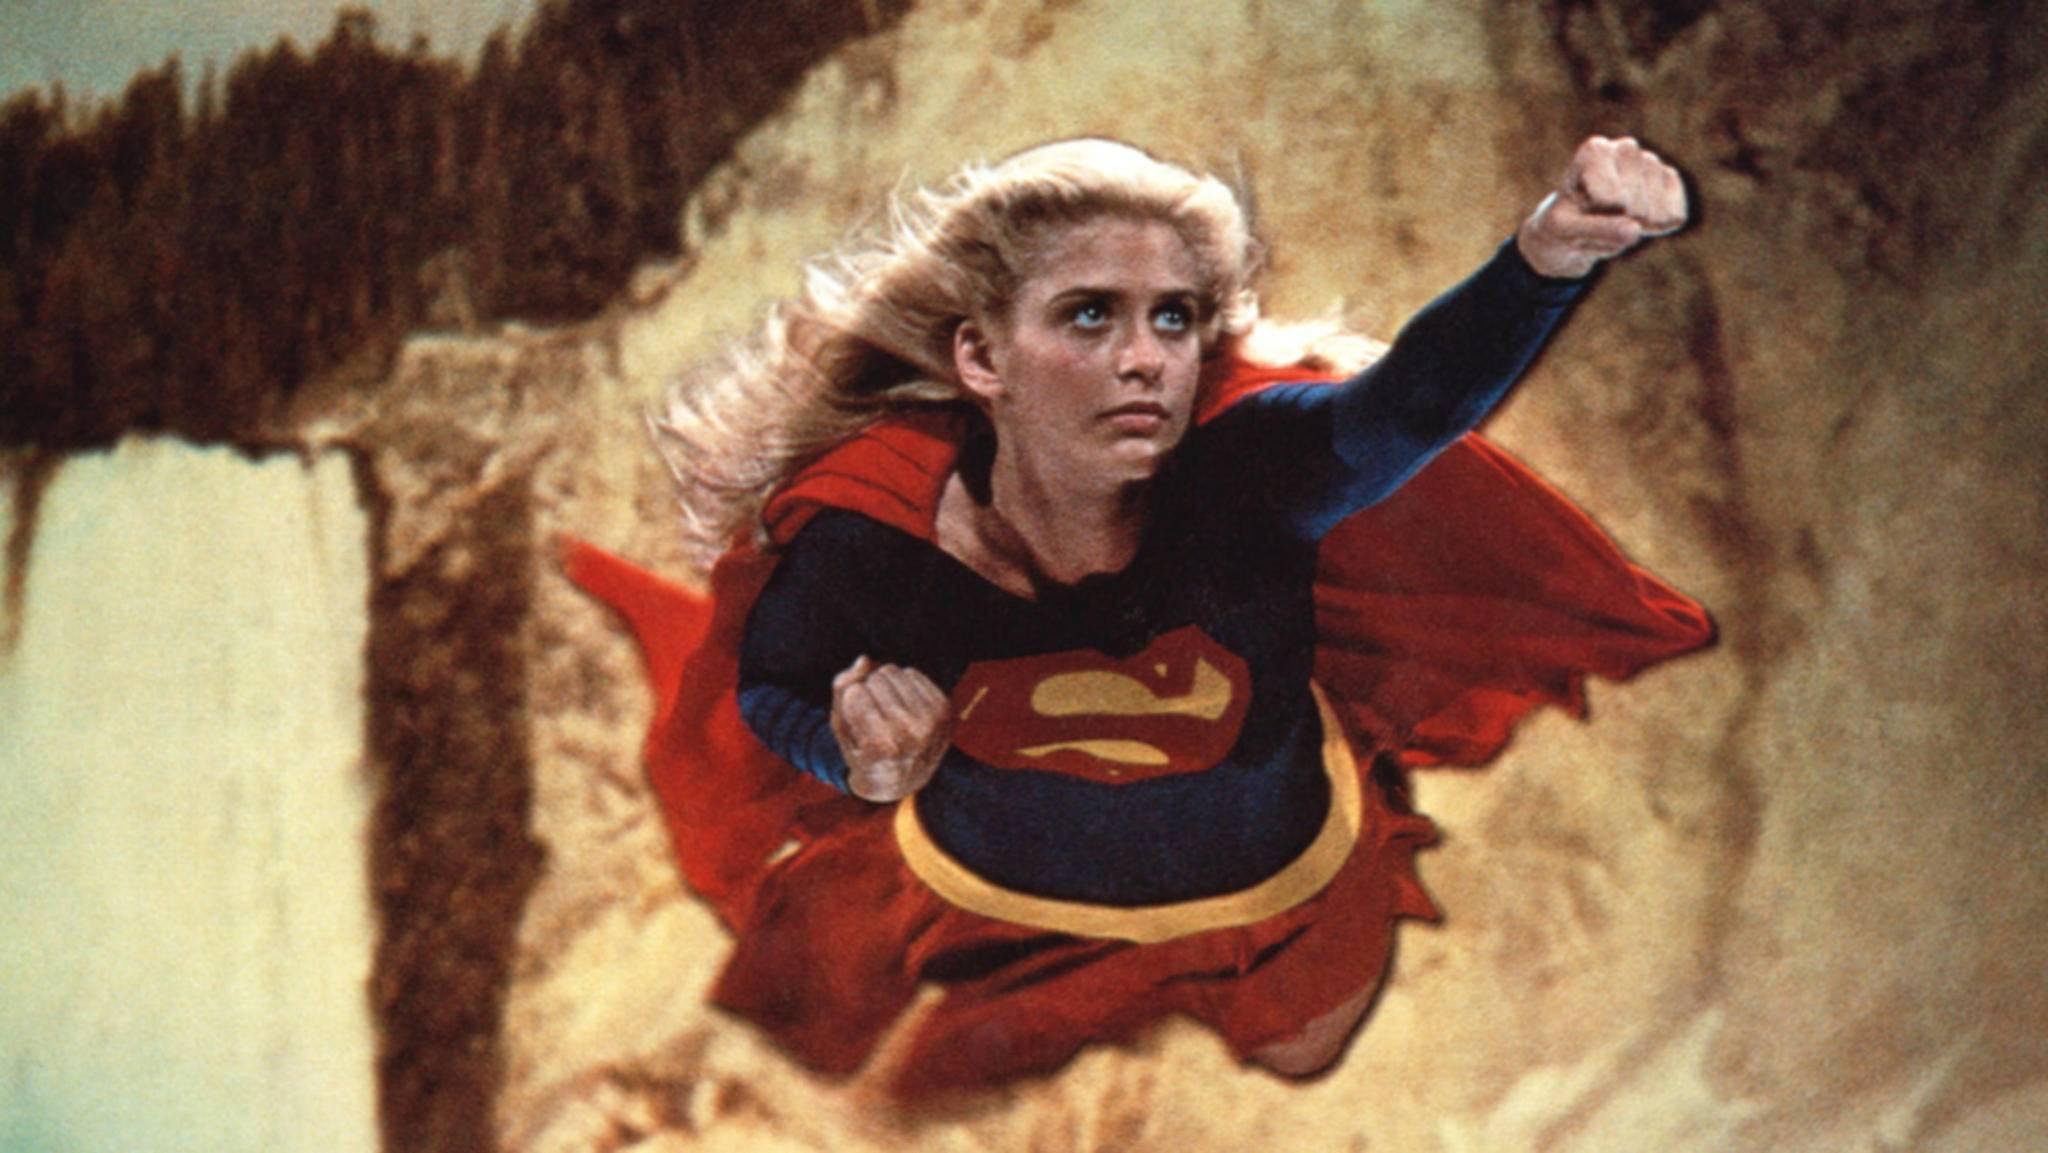 Helen Slater spielte 1984 Supergirl. Wer im neuen Kinofilm als Kara abheben darf, ist noch unklar.